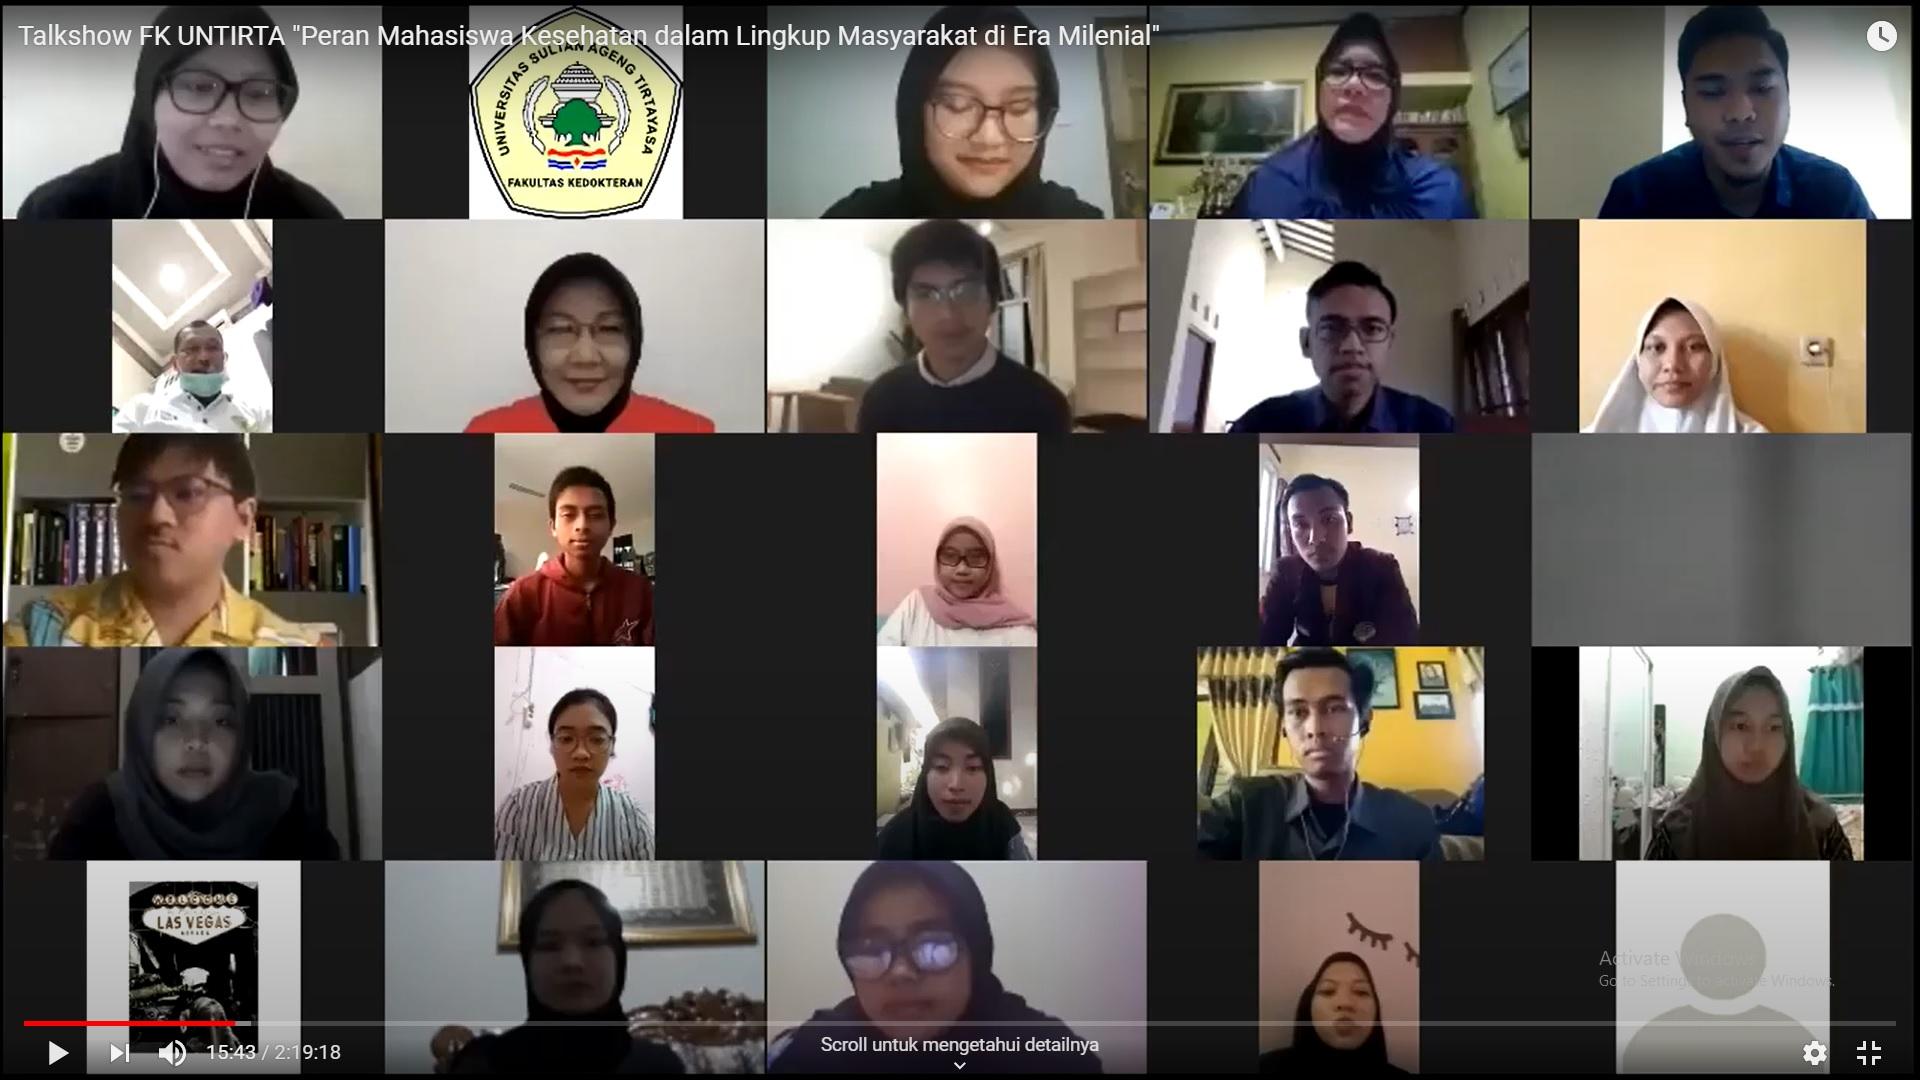 FK Untirta Selenggarakan Talkshow Peran Mahasiswa Kesehatan Dalam Lingkup Masyarakat di Era Milenial.